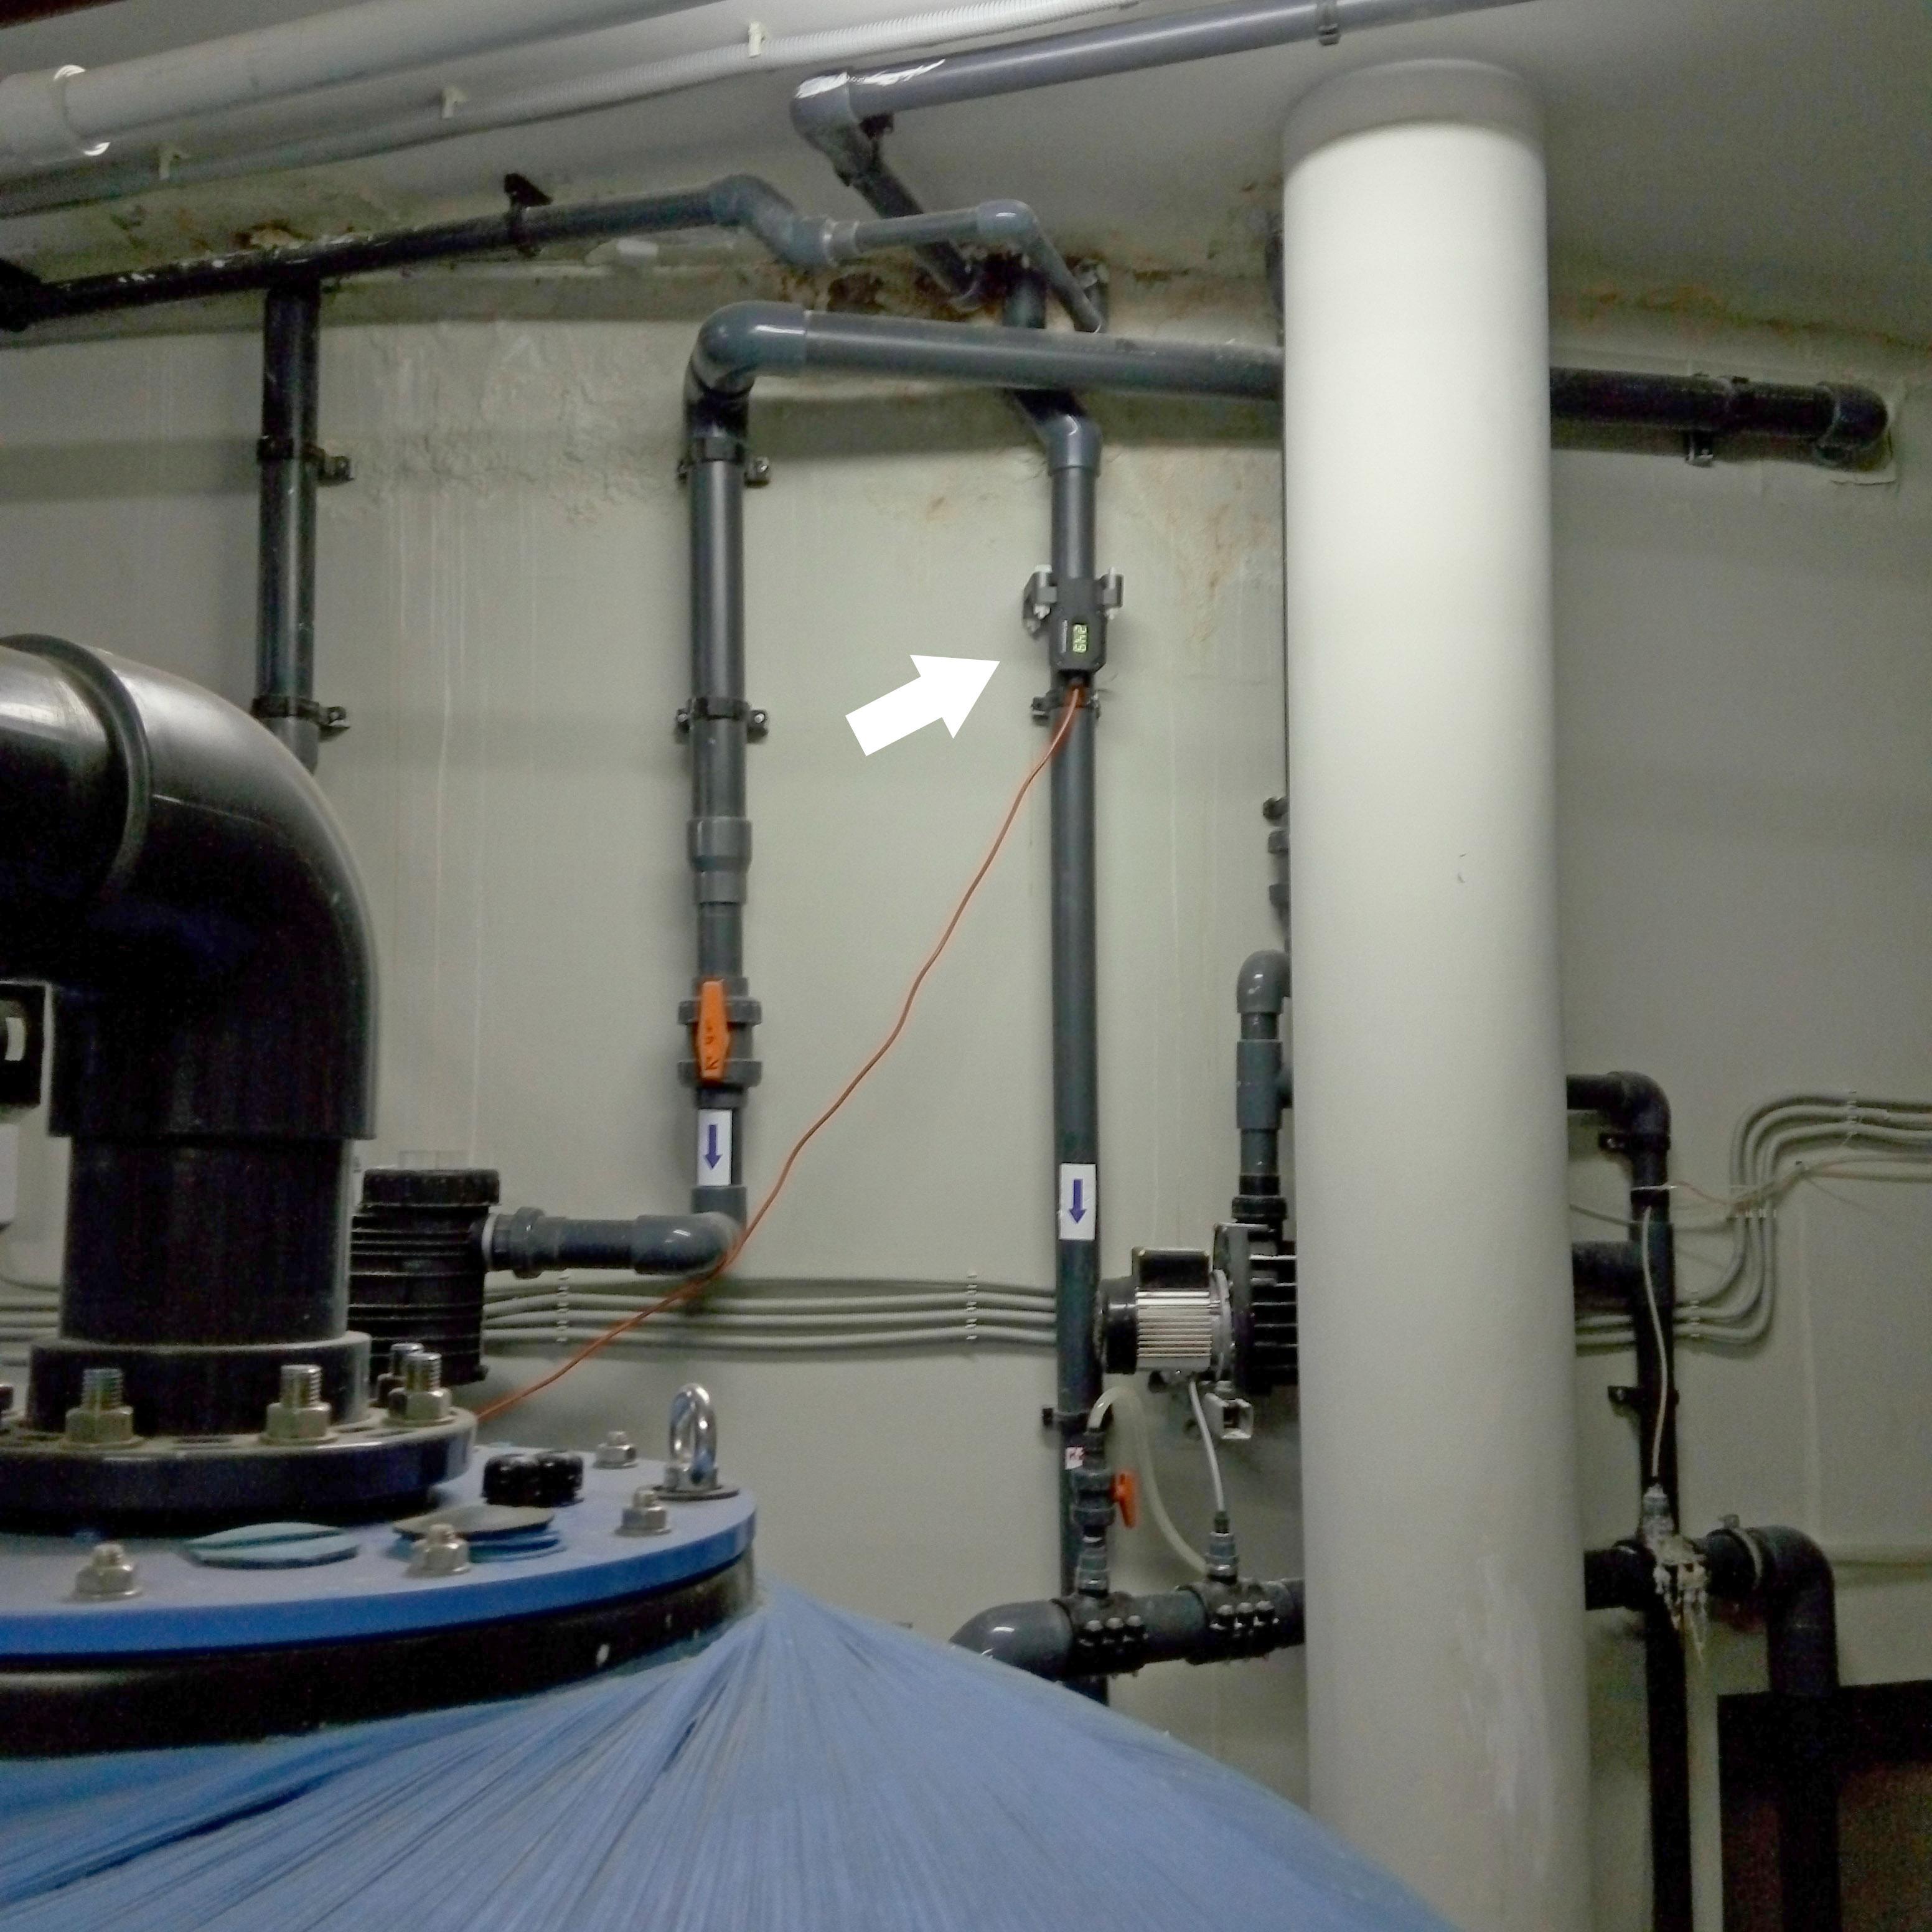 Устройство WS установлено перед системой водоподготовки детского бассейна